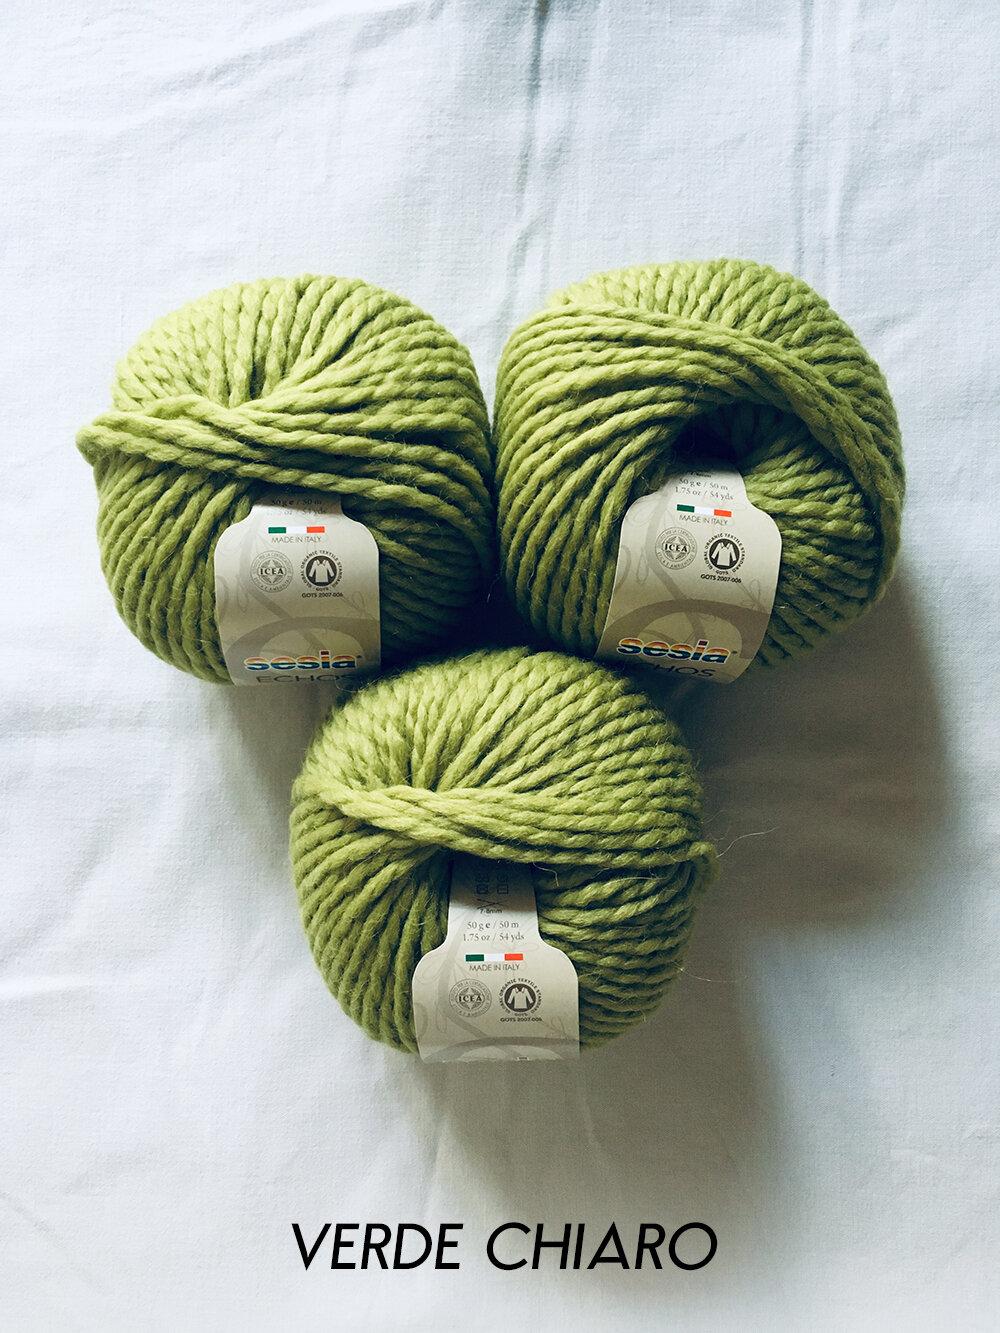 sesia_echos_verde_chiaro_2462N_wool_done_knitting.jpg